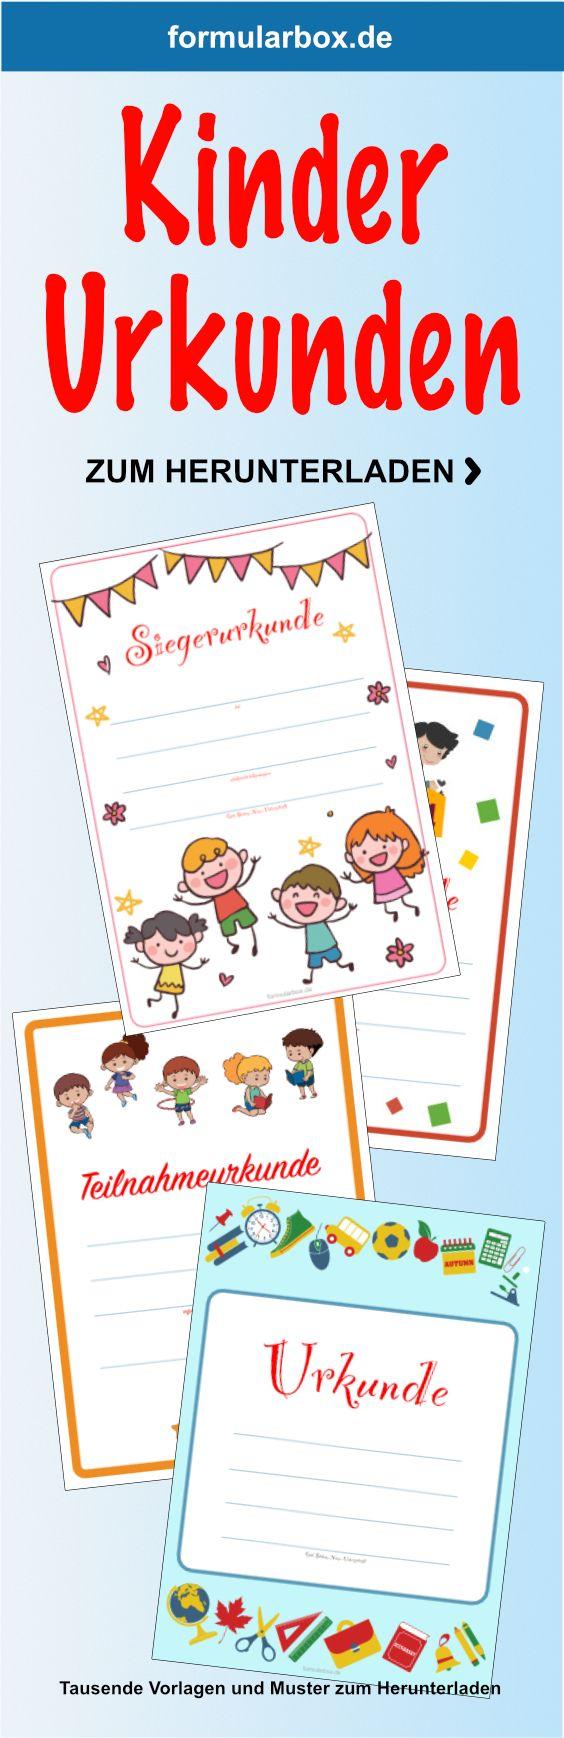 Kinder Urkunden Zum Ausdrucken Urkunden Zum Ausdrucken Urkunde Urkunden Selber Machen